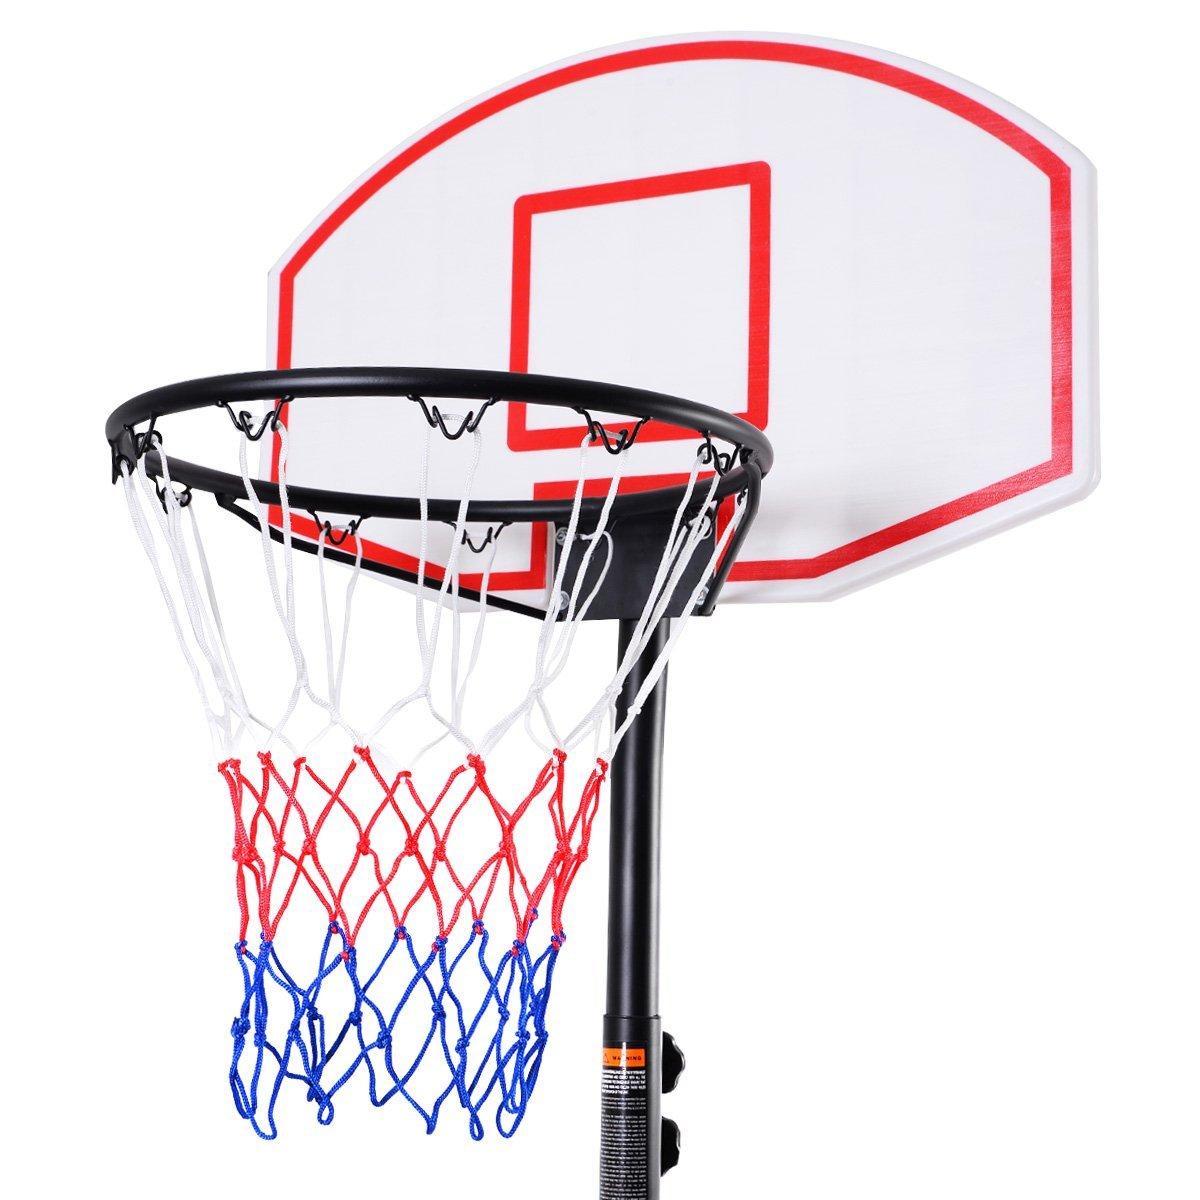 giantex adjustable basketball hoop system stand kid indoor outdoor